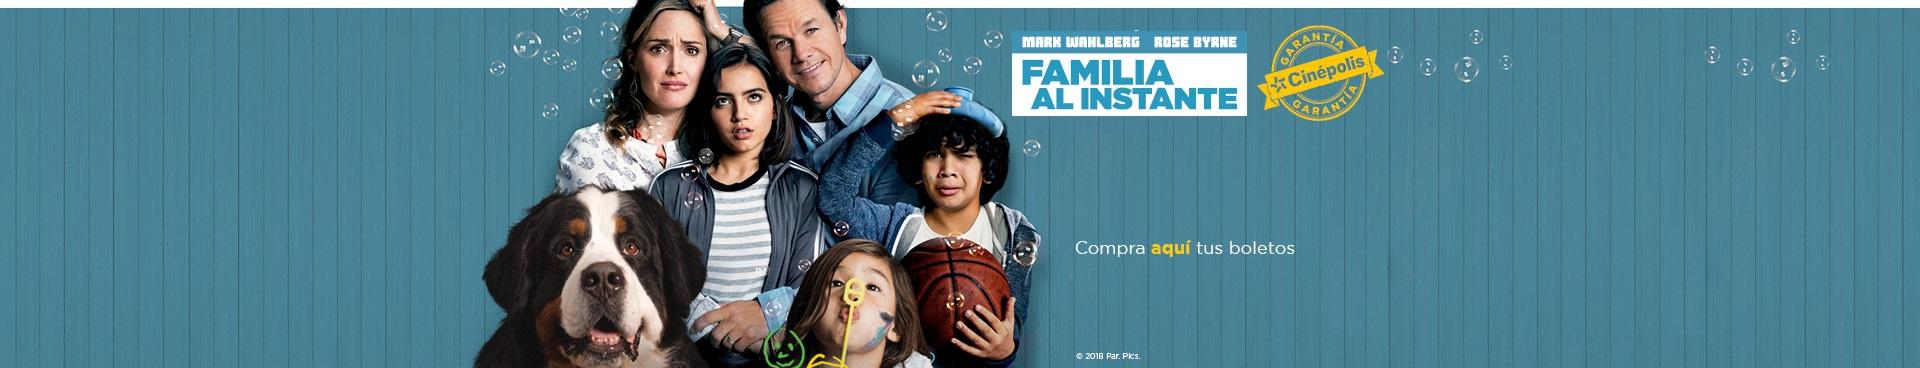 En cartelera: Familia al instante